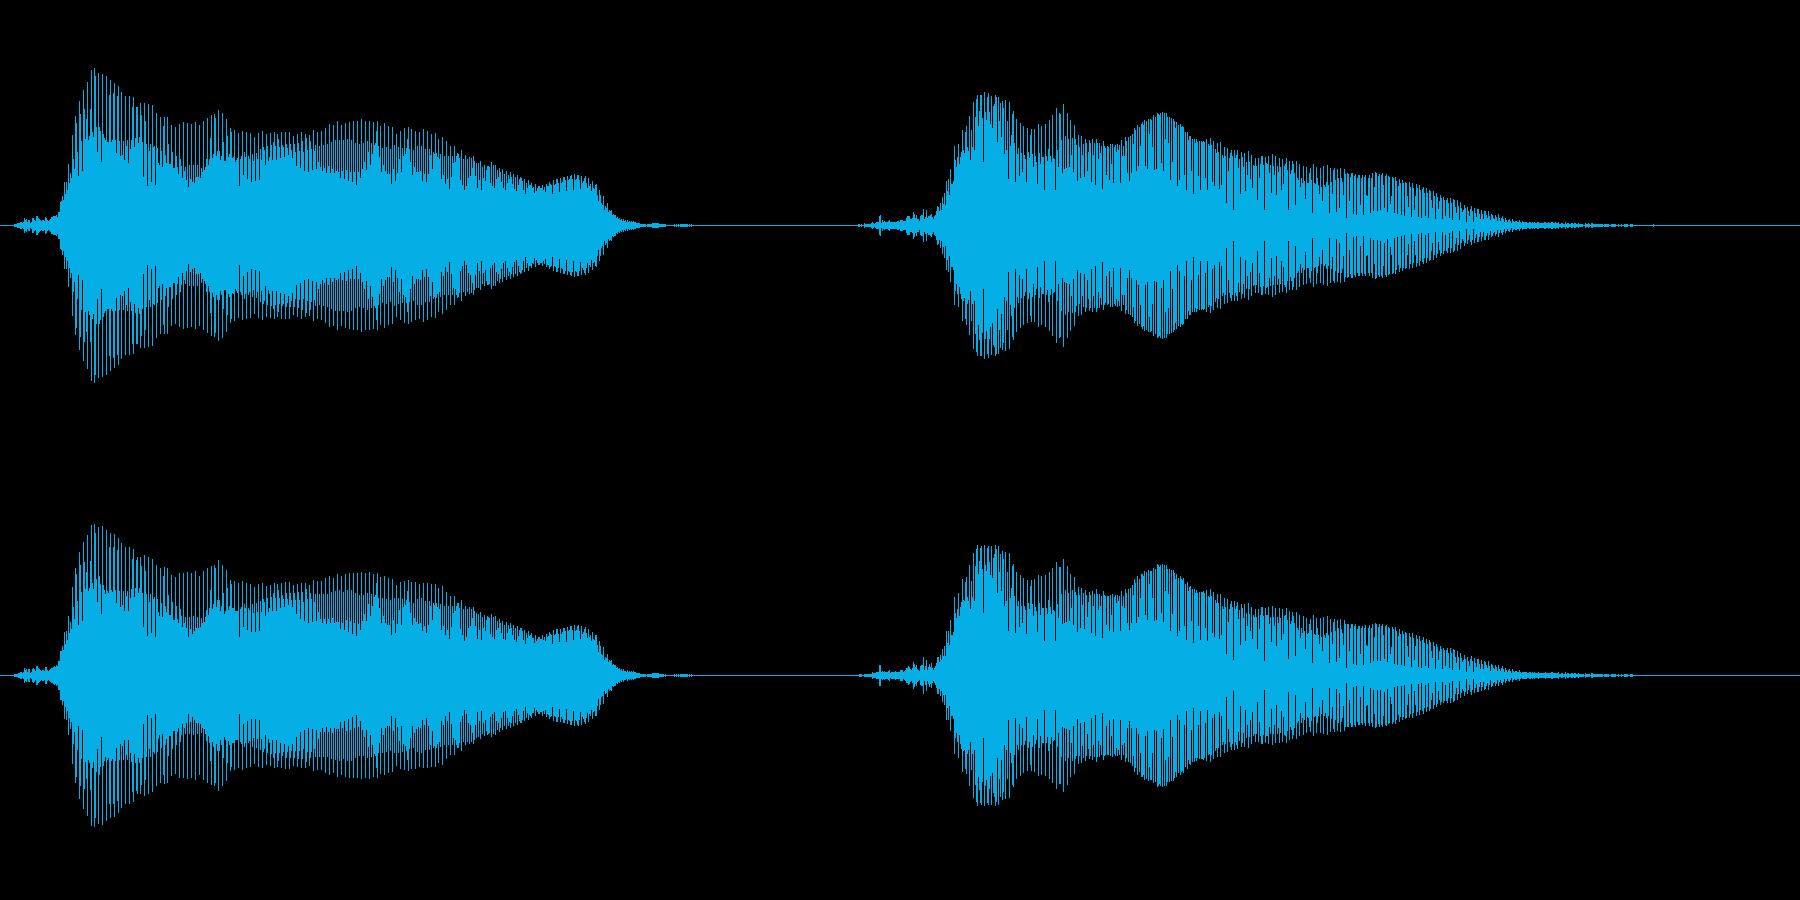 キュン・キュン! の再生済みの波形